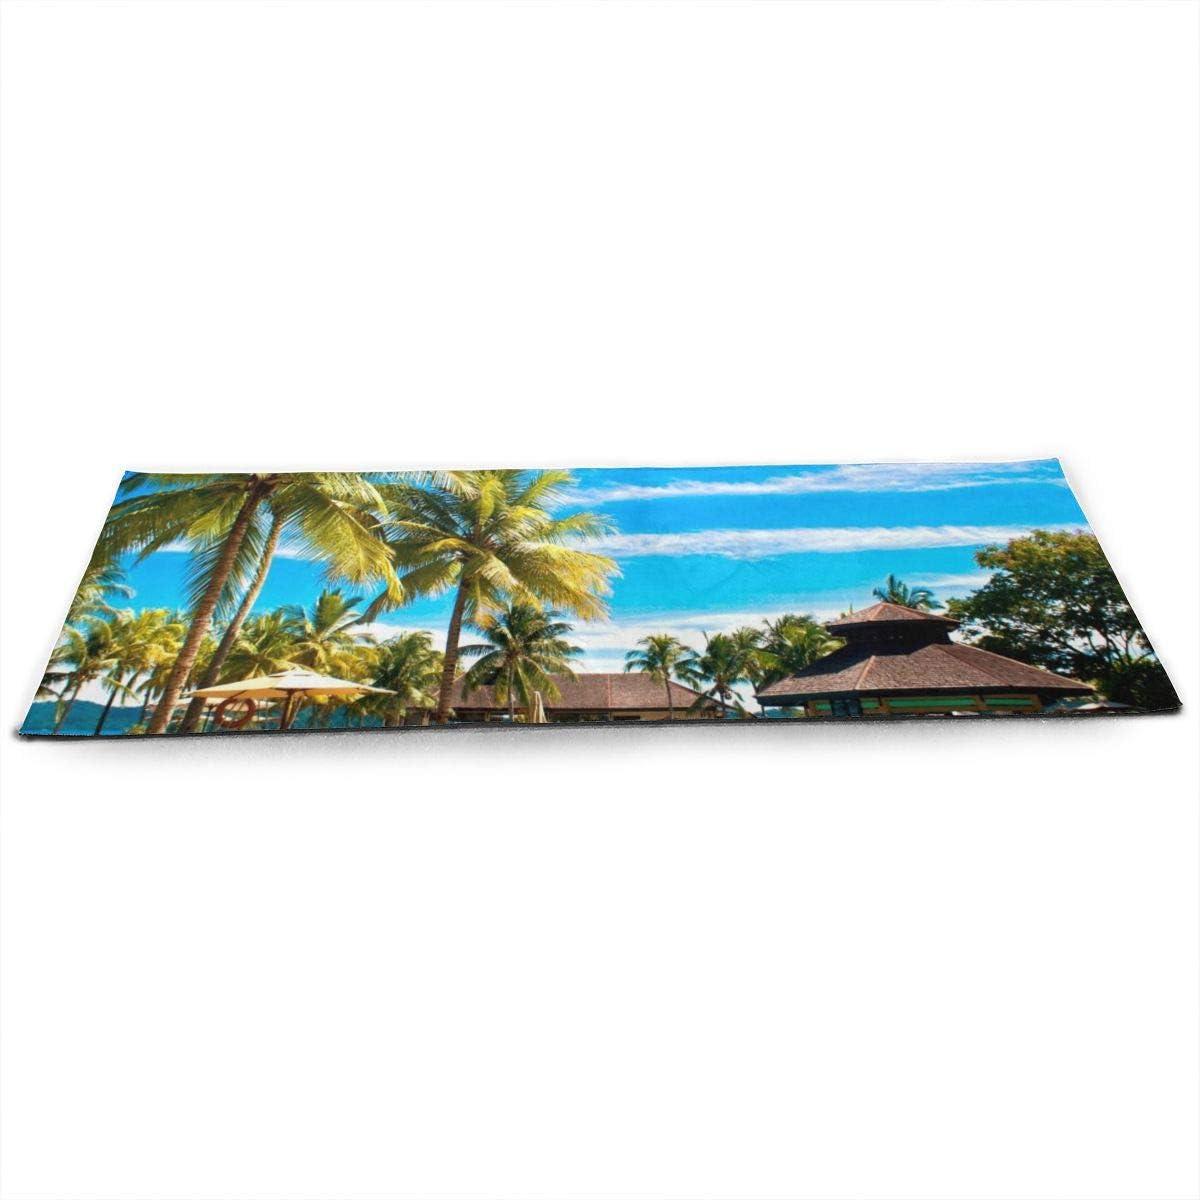 Esterilla de yoga para piscinas tropicales de Pacific Palms Hotel con estera extra gruesa antideslizante para ejercicio y fitness para yoga (70